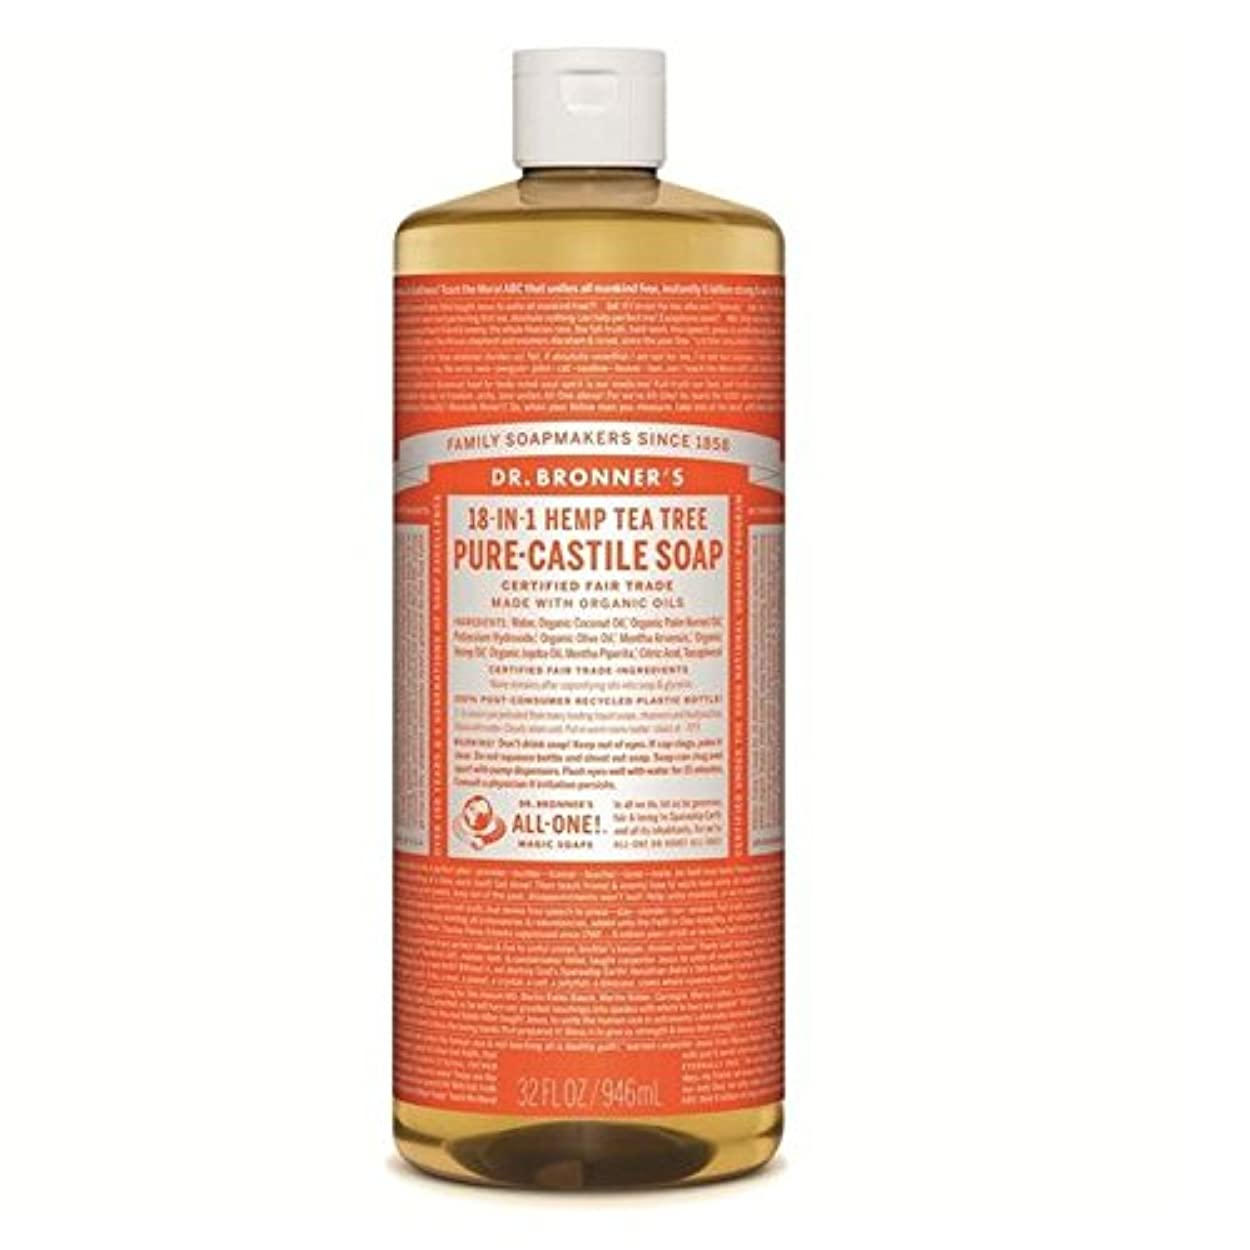 のブロナーオーガニックティーツリーカスティーリャ液体石鹸946ミリリットル x4 - Dr Bronner Organic Tea Tree Castile Liquid Soap 946ml (Pack of 4) [並行輸入品]